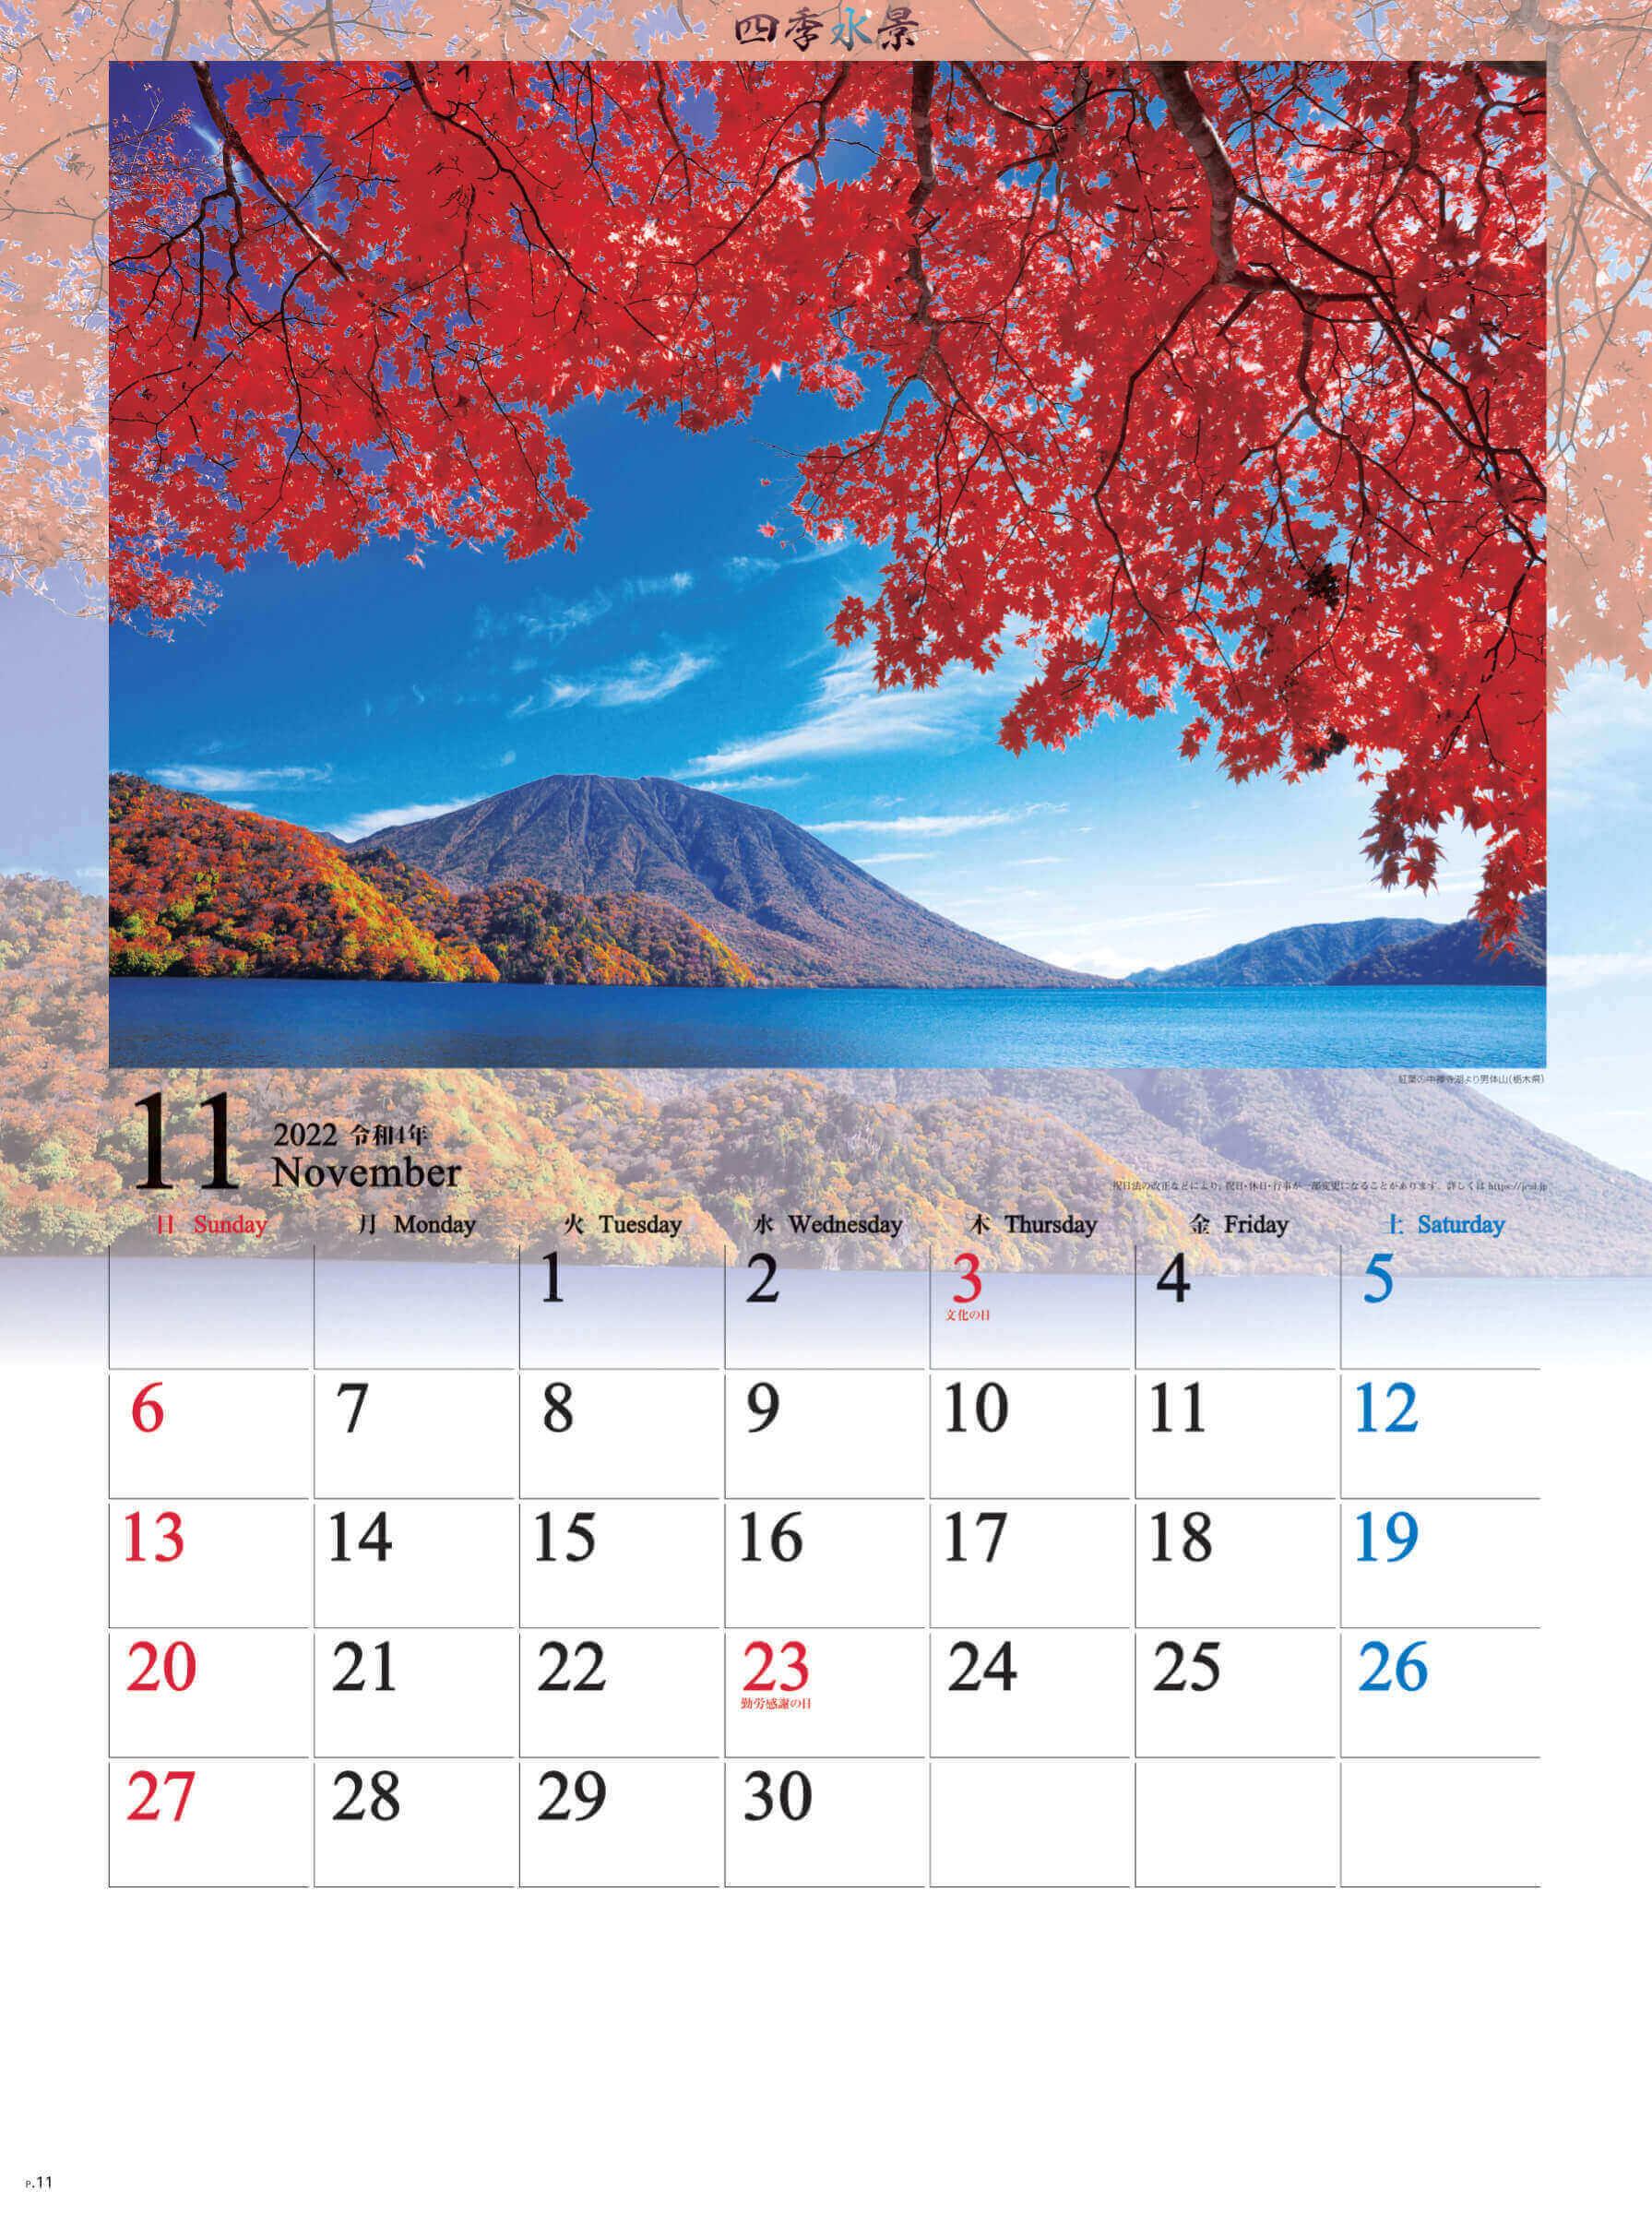 11月 中禅寺湖と男体山(栃木) 四季水景 2022年カレンダーの画像